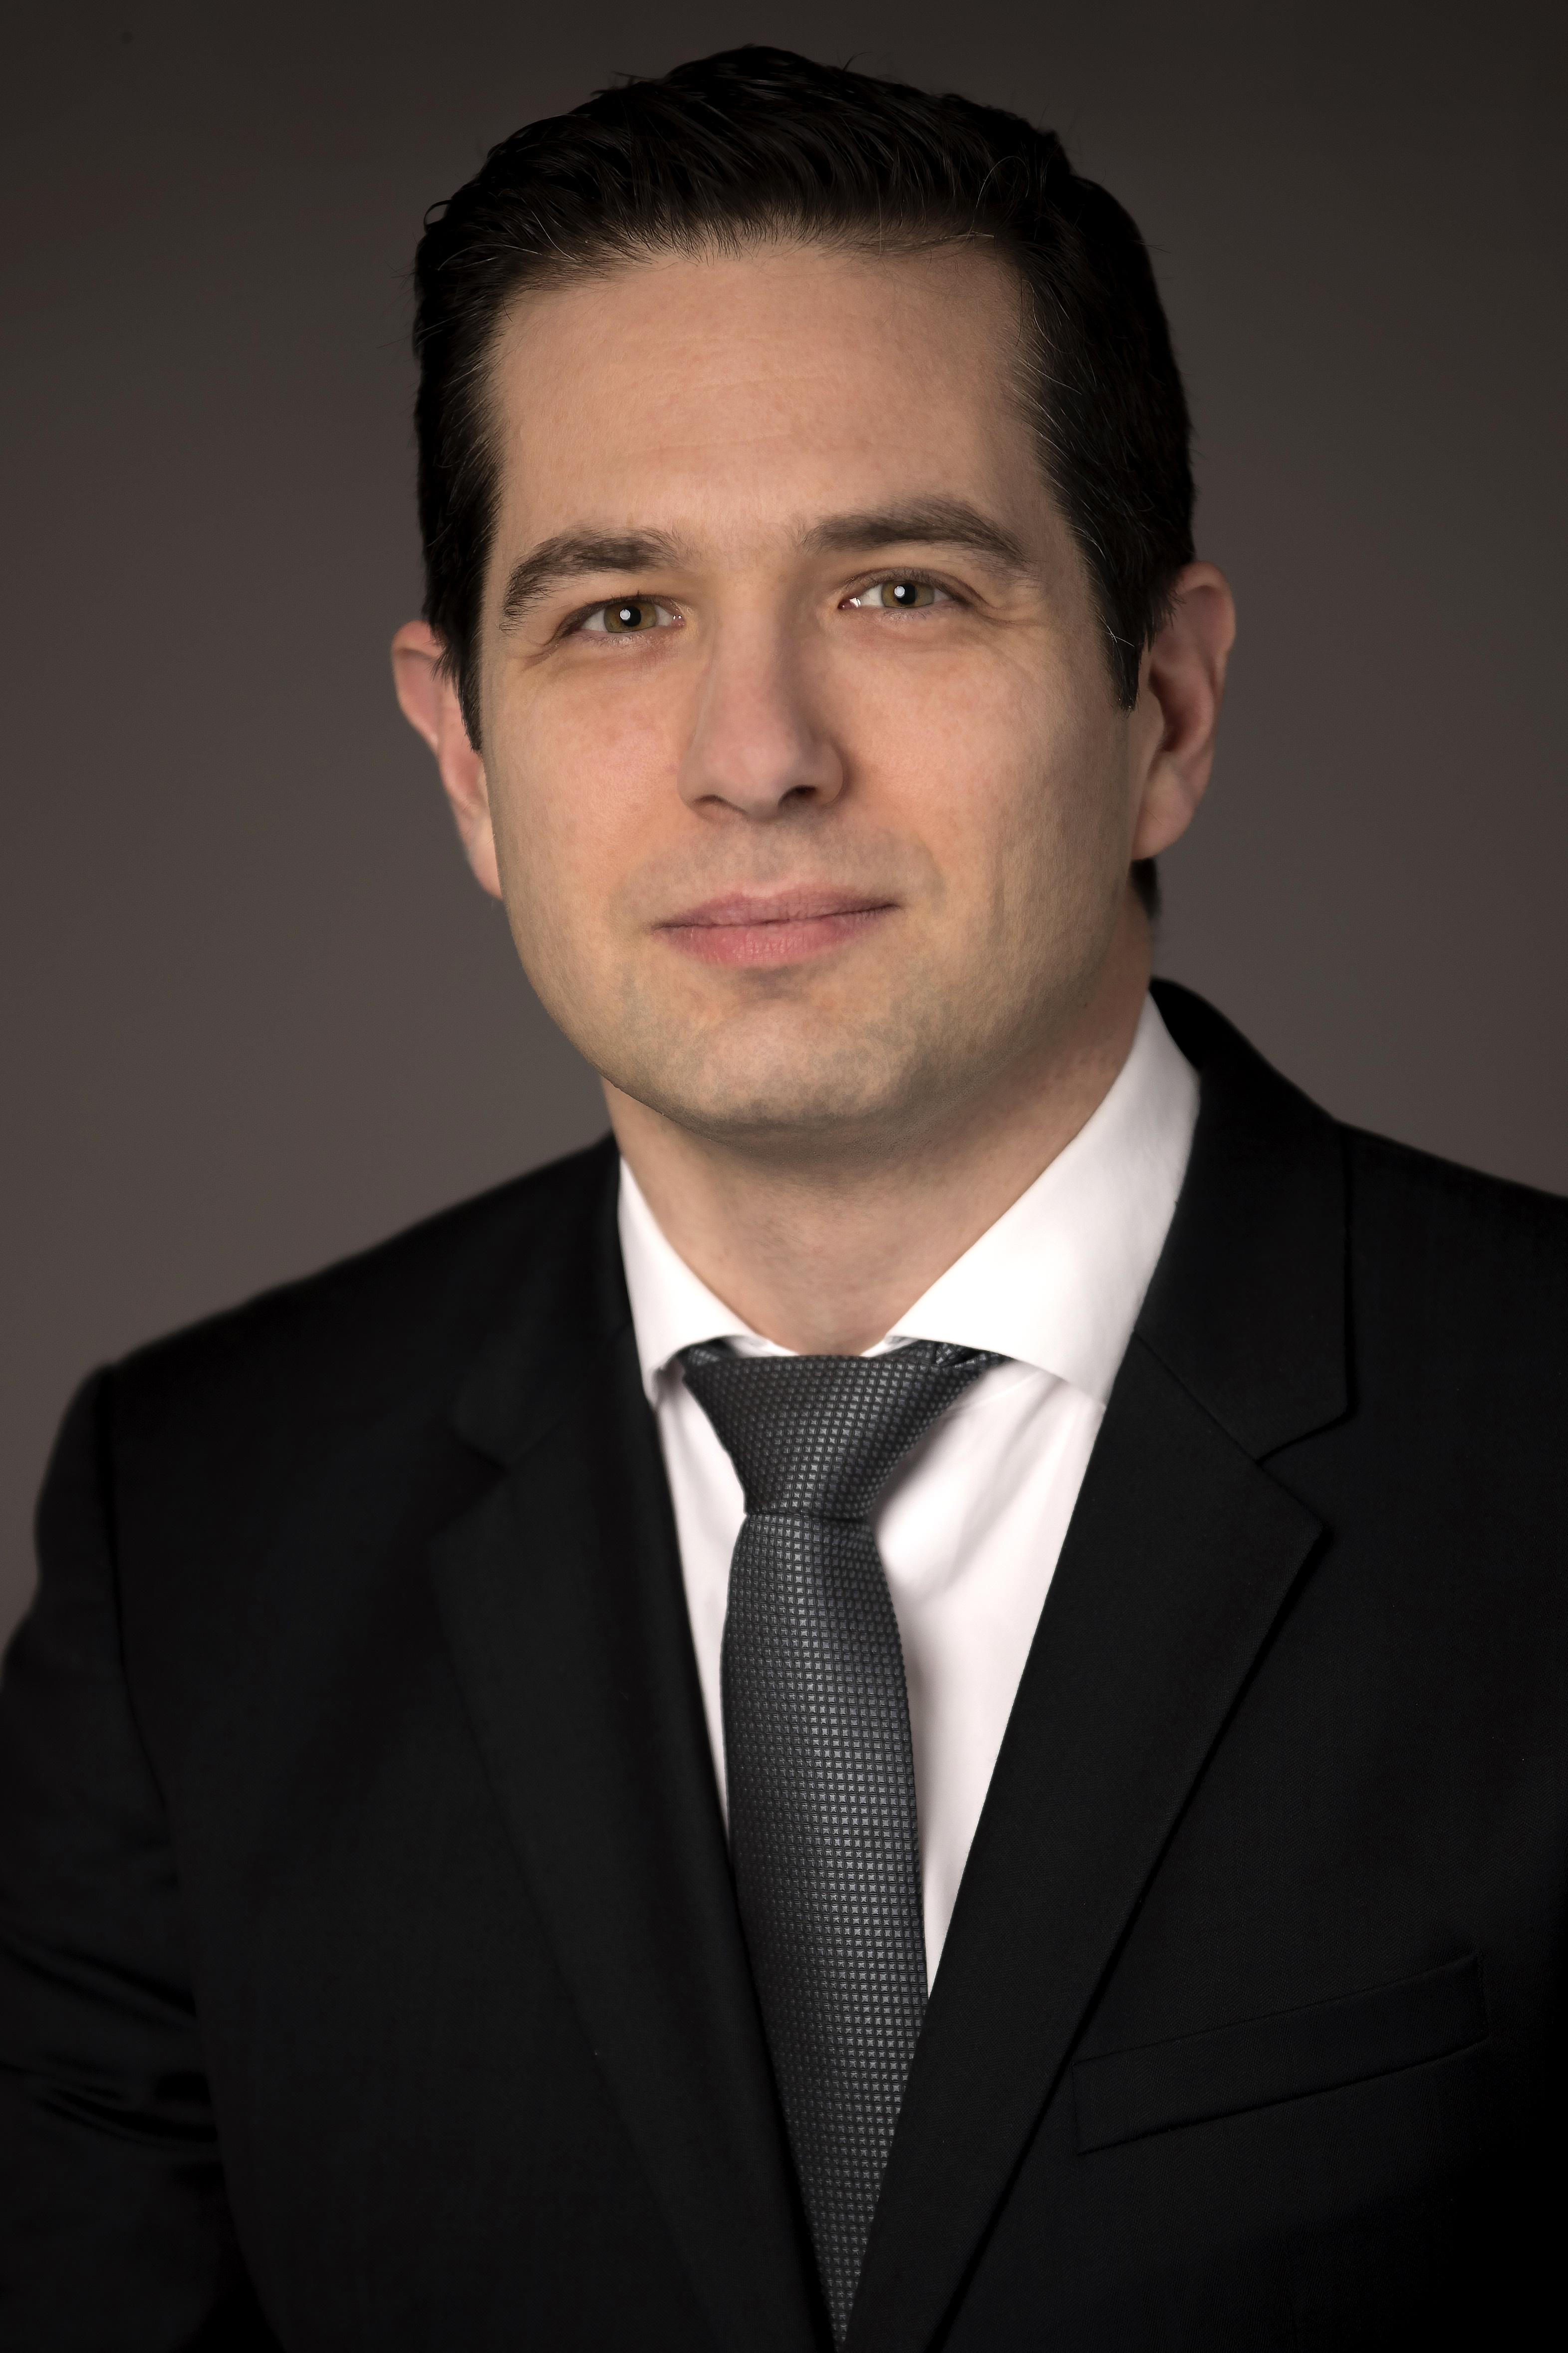 Pierre Ribaute